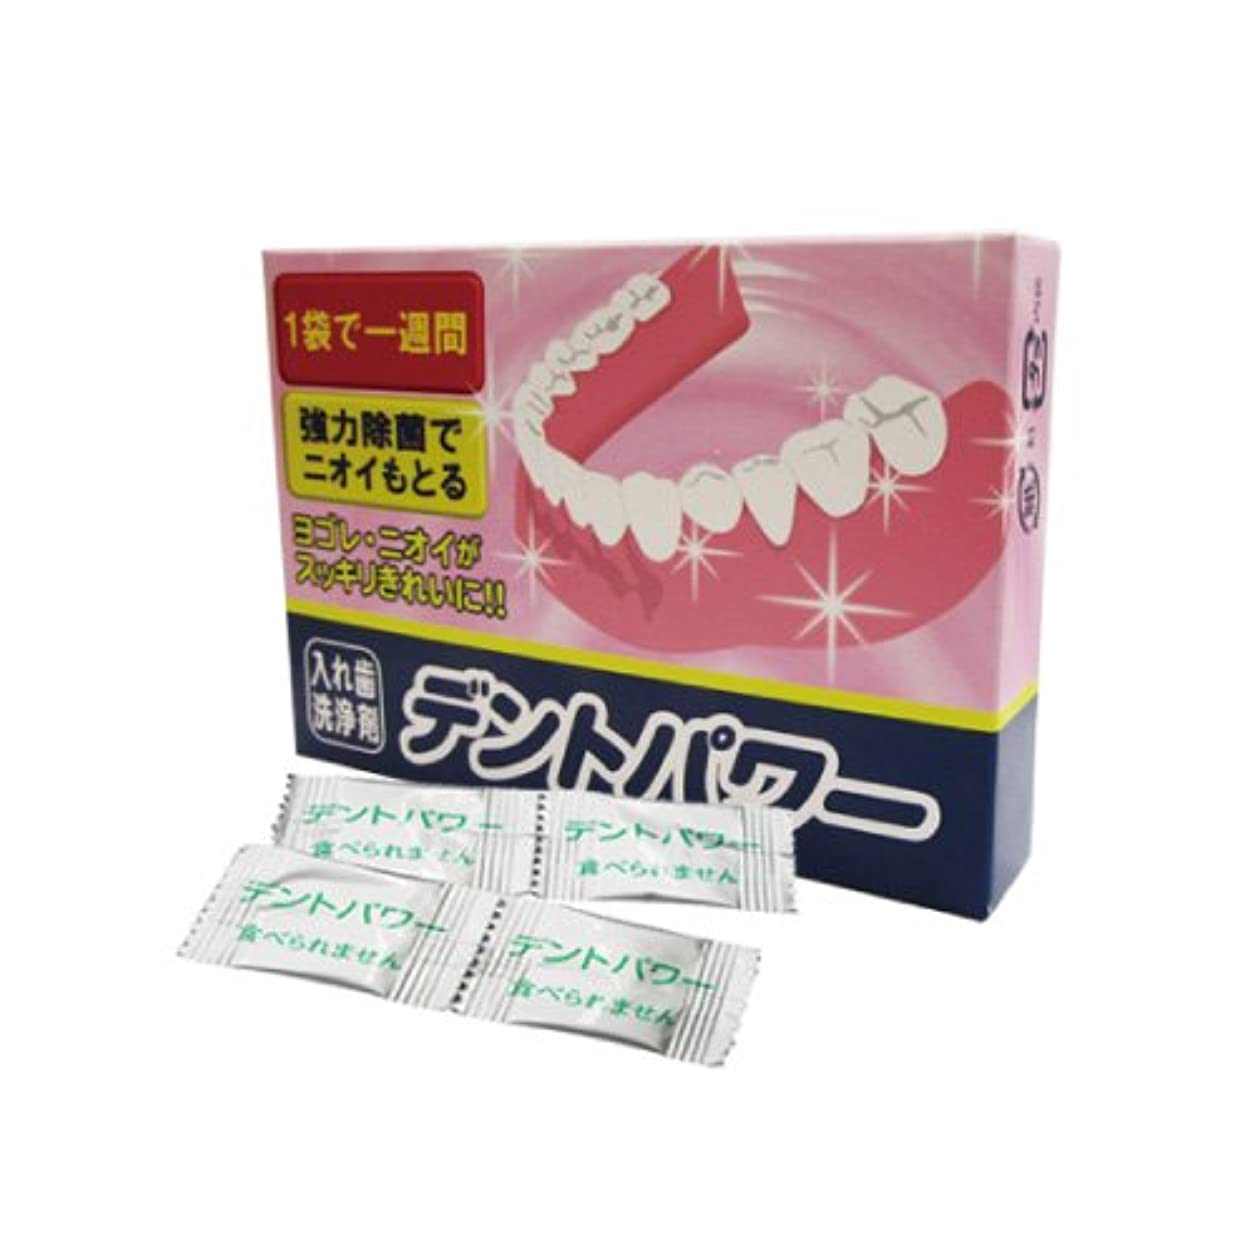 に応じてスキッパー五月【入れ歯洗浄剤】 デントパワー 10ヶ月用(NEW) (専用ケース無し) - DENT POWER